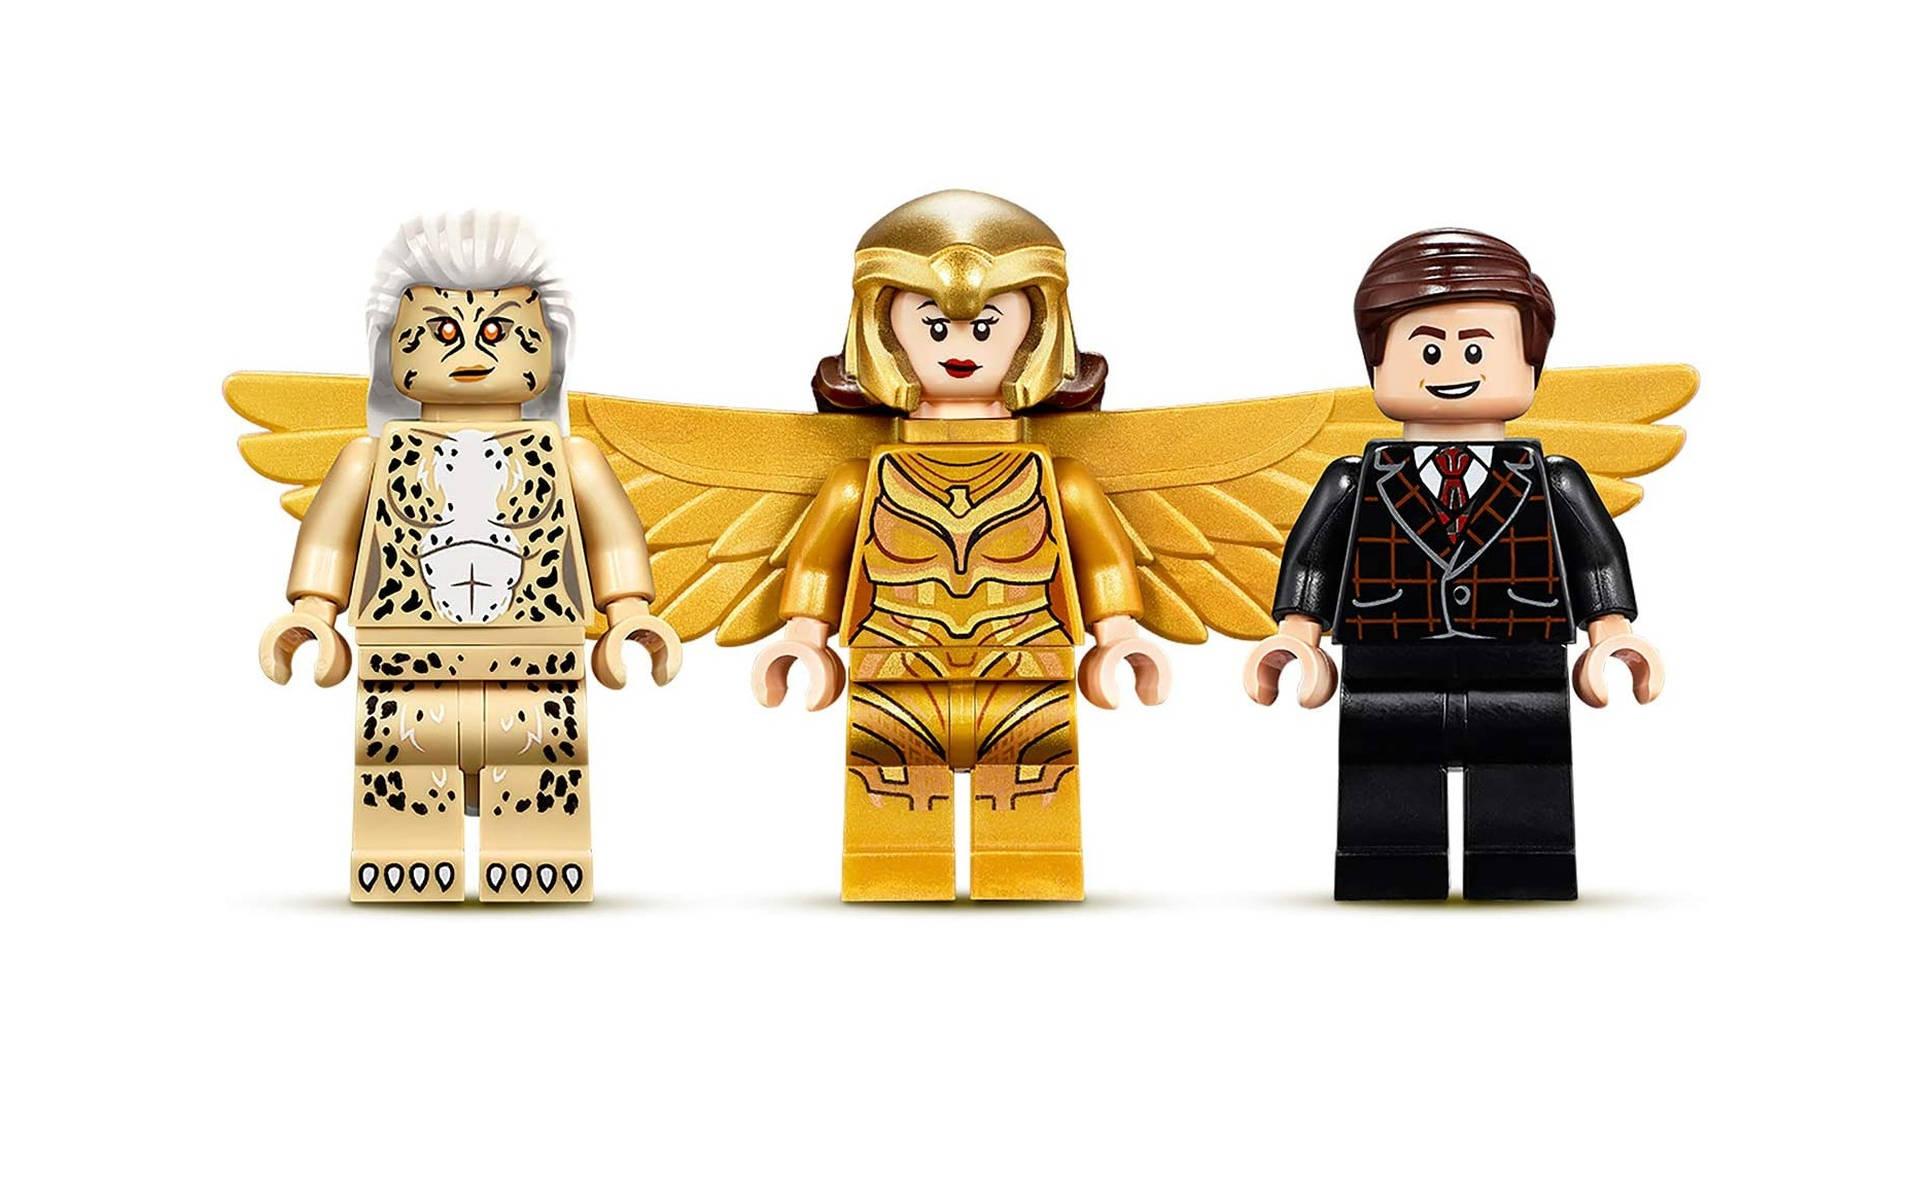 wonder woman film 1984 lego